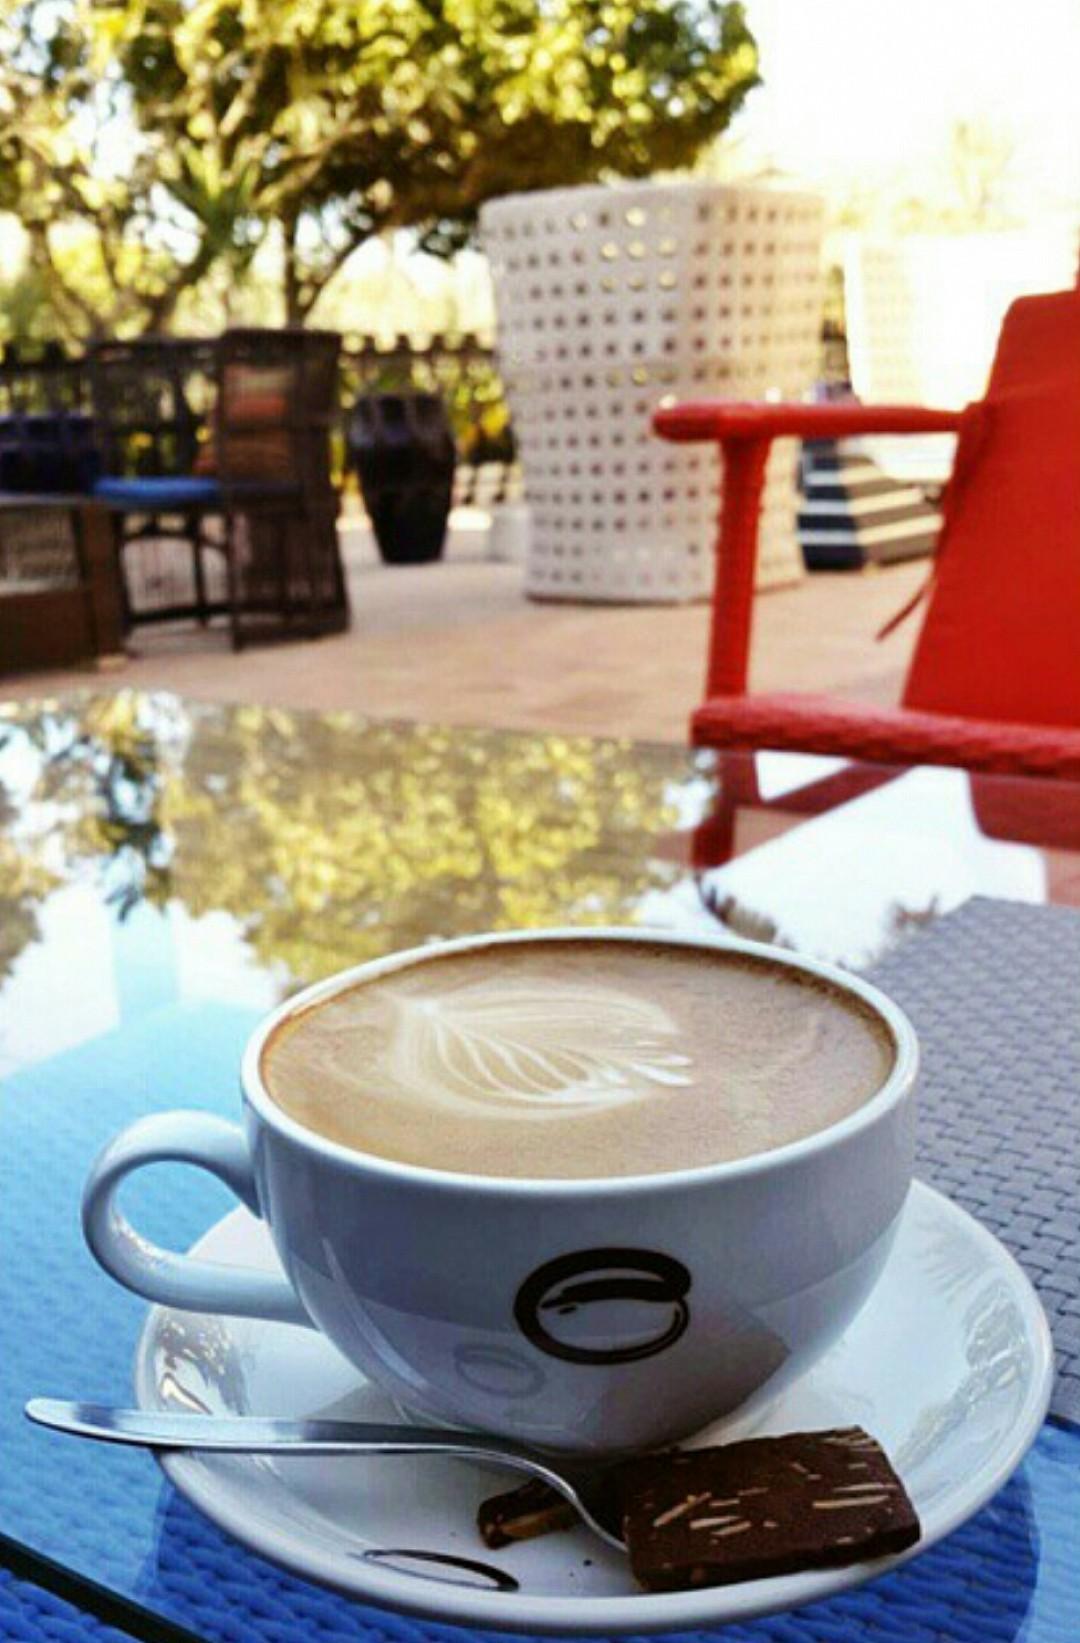 على هالجو الكوفي خيالي #كوفي #coffee @ Esquires Cafe - Bahrain